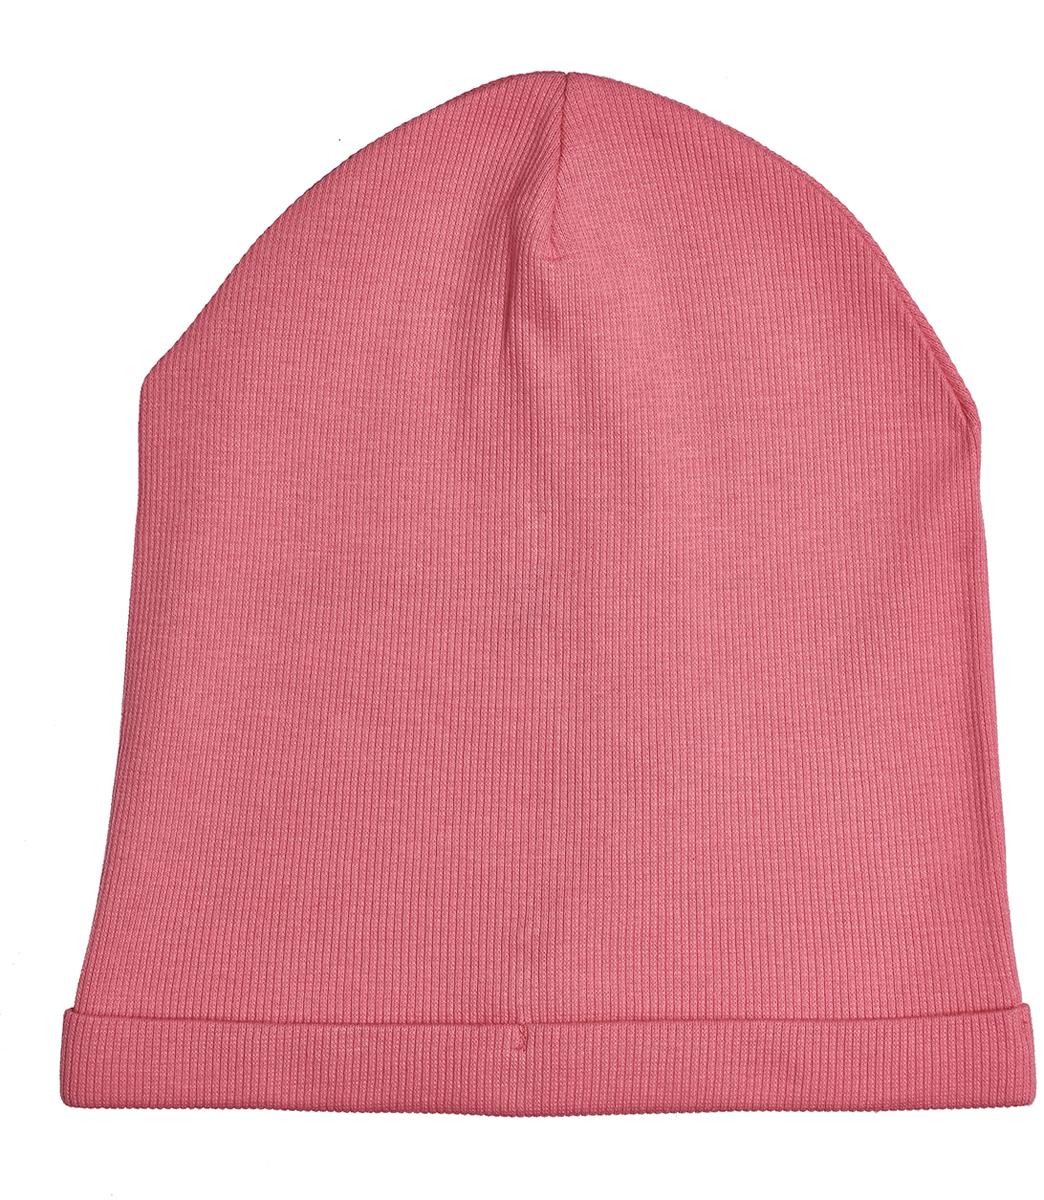 Шапка для девочки Button Blue, цвет: розовый. 118BBGX73011200. Размер 56118BBGX73011200Если вы хотите недорого купить шапку для девочки на весну, лучшим вариантом будет трикотажная шапка от Button Blue. Шапка сделана в соответствии со всеми модными требованиями сезона, но может похвастаться не только этим: модель выполнена из качественного материала, она мягкая и приятная на ощупь.